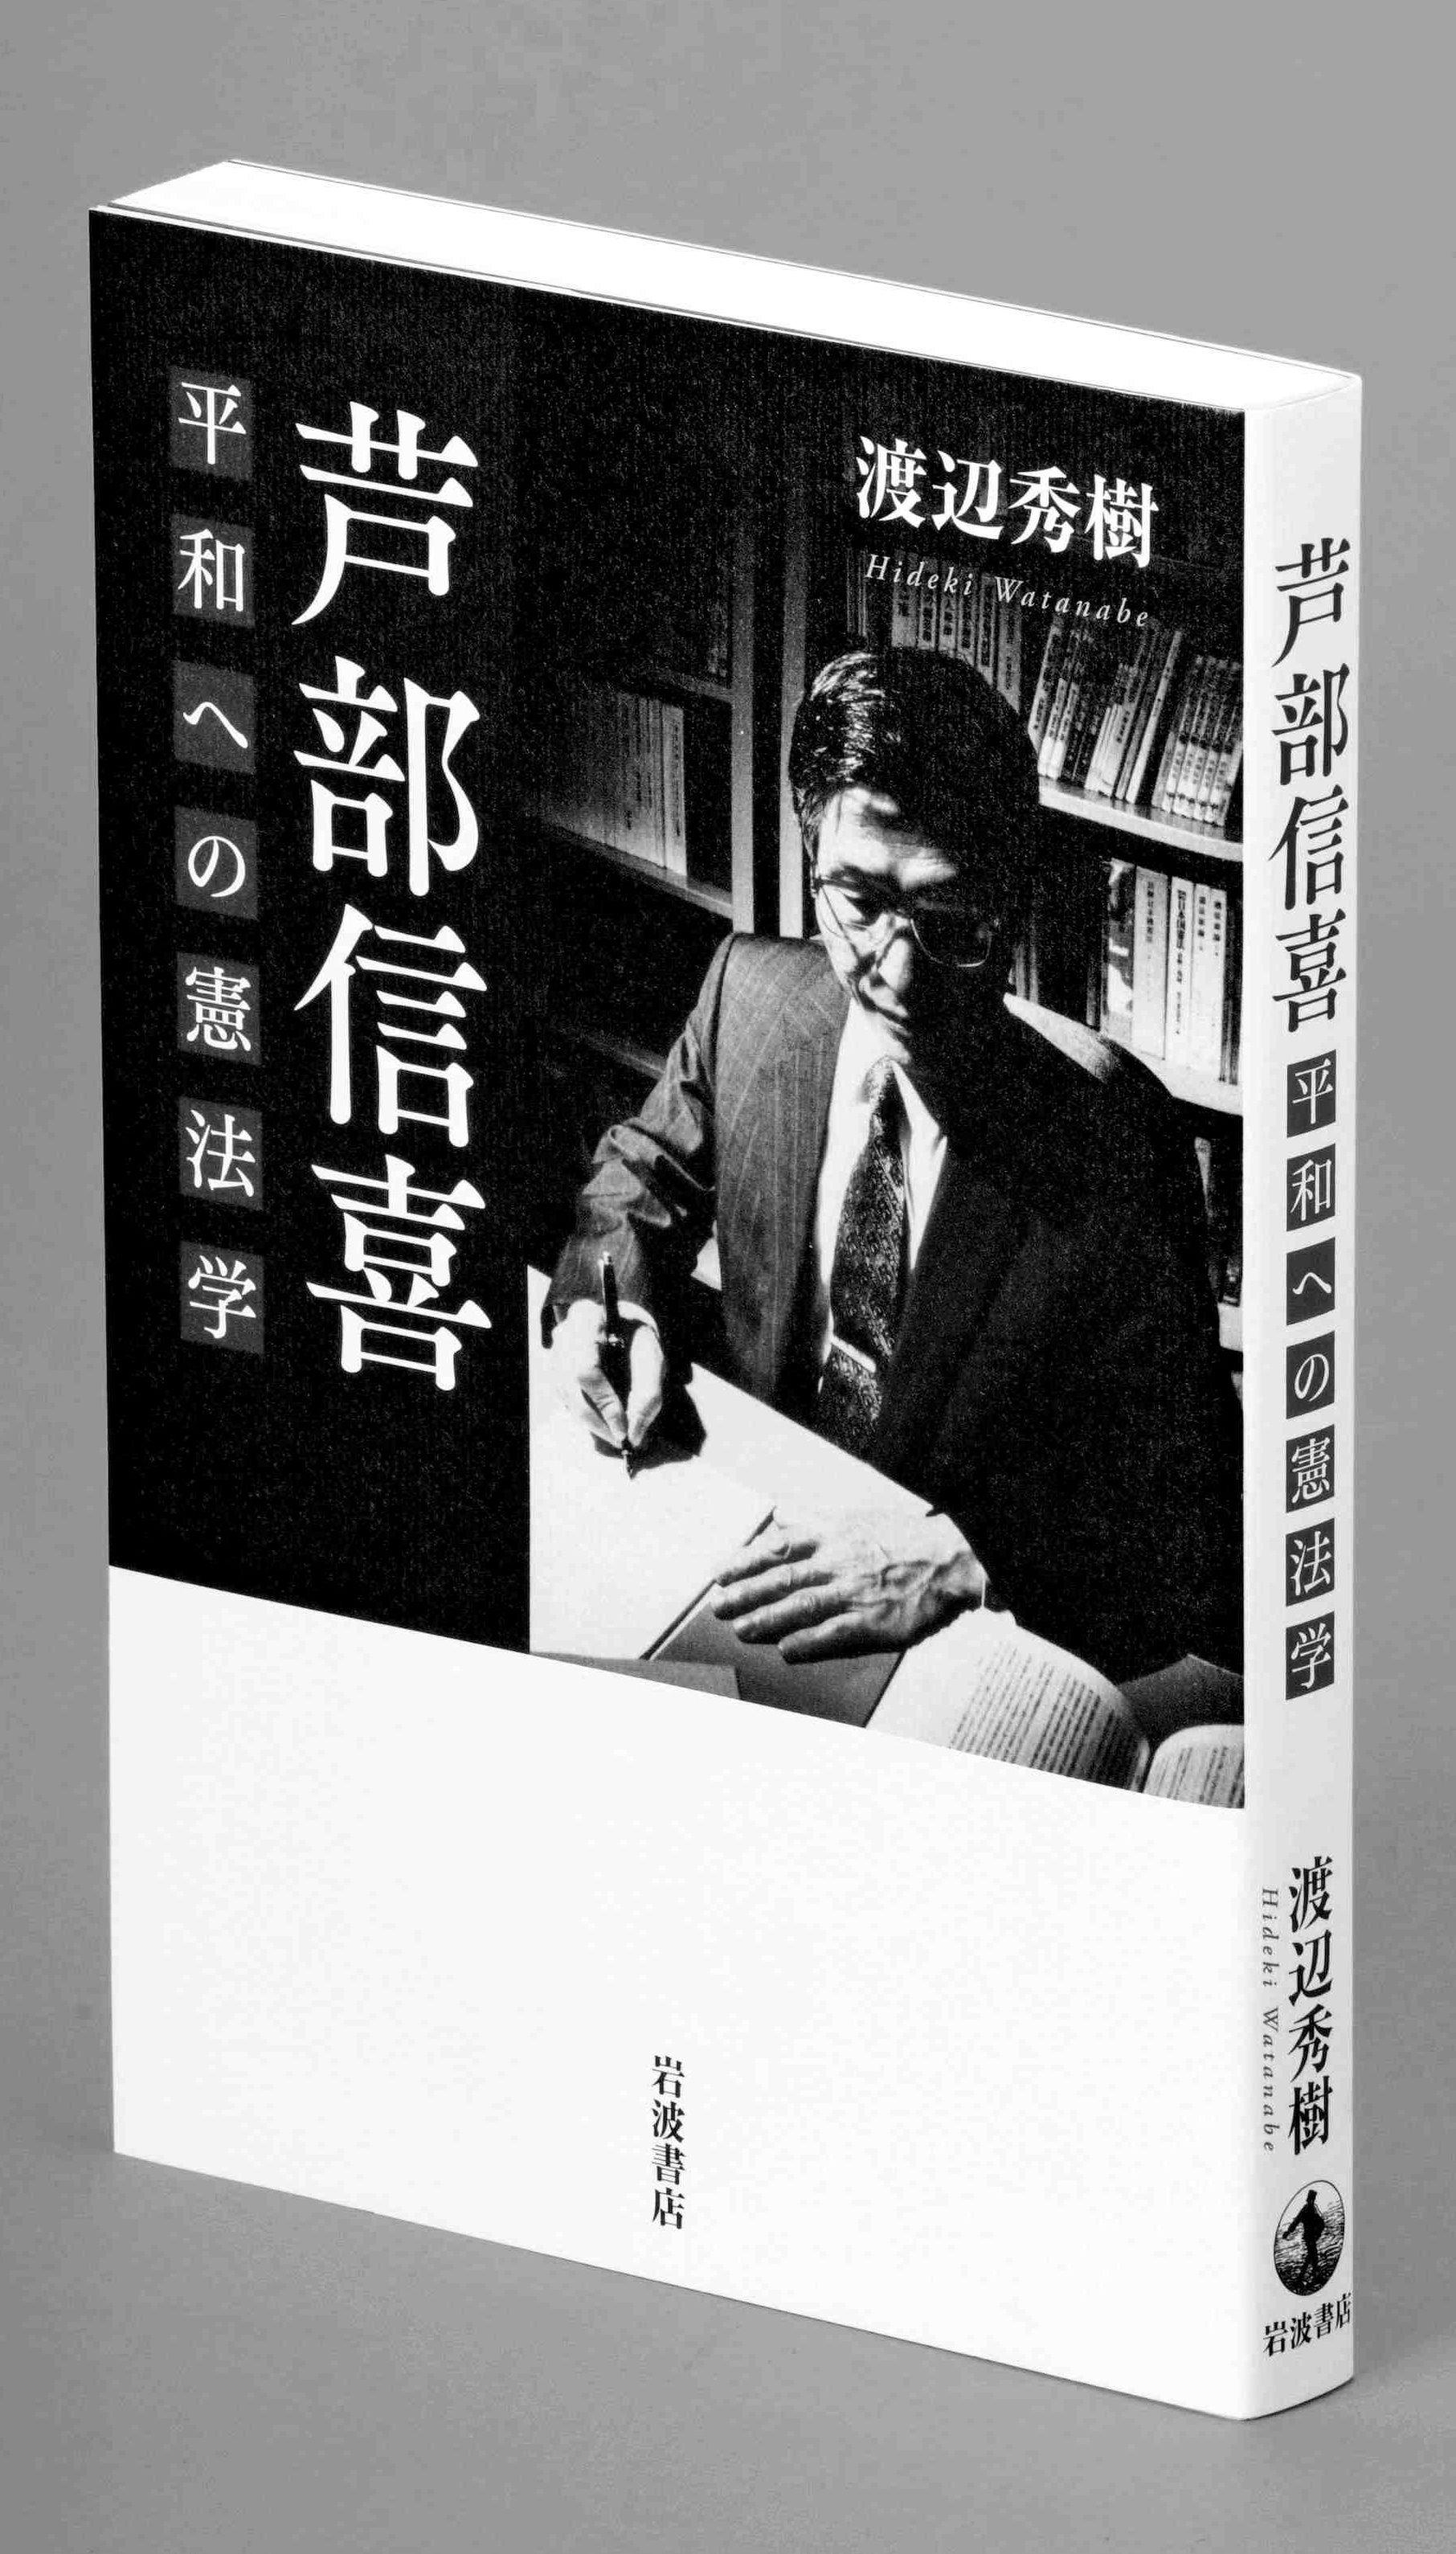 読書]評伝 芦部信喜 平和への憲法学 渡辺秀樹著 憲法 いかに根付 ...